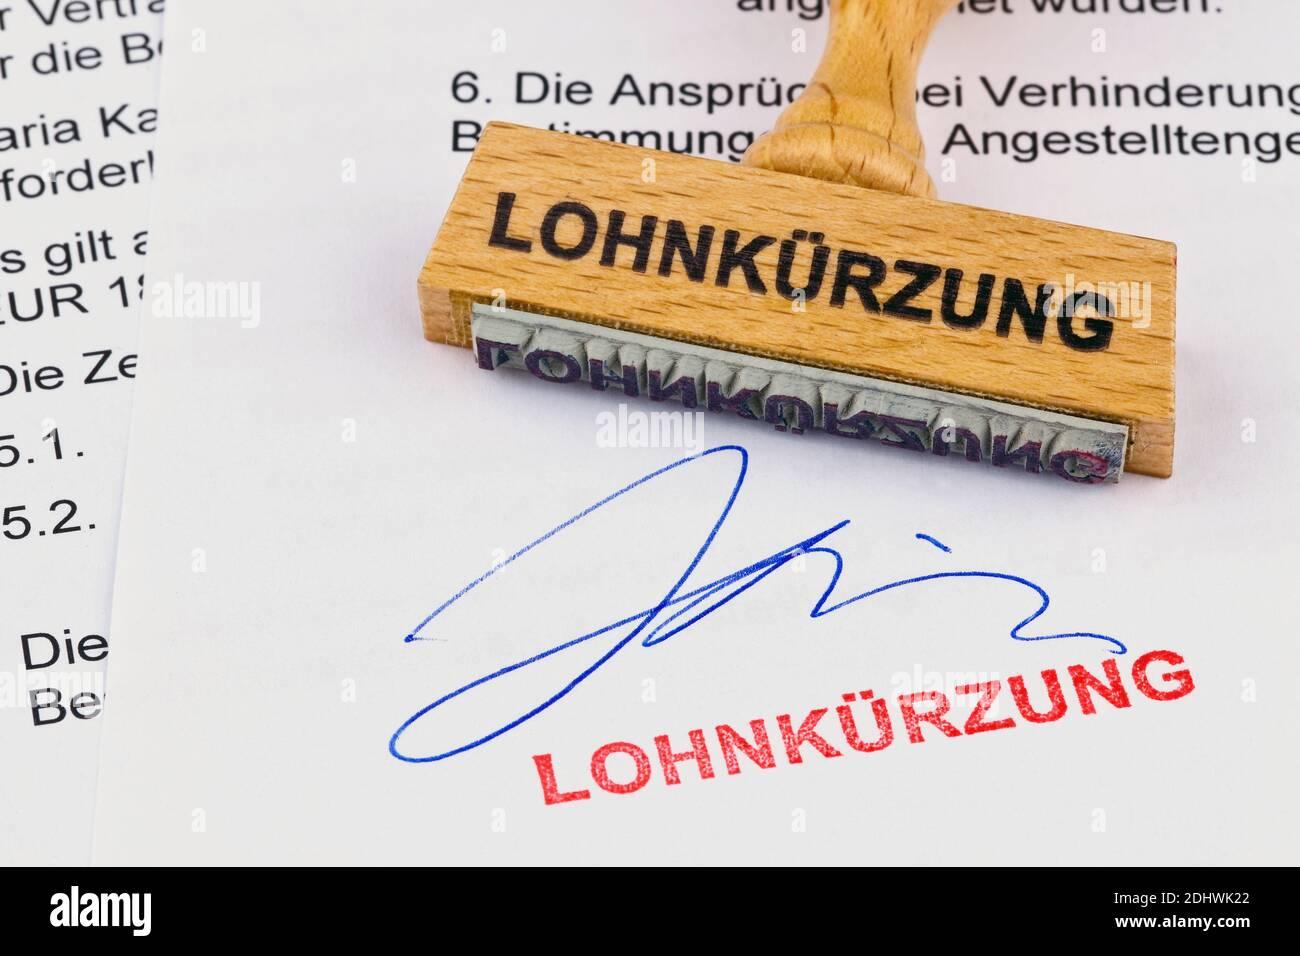 Ein Stempel aus Holz liegt auf einem Dokument. Aufschrift Lohnkürzung Stock Photo